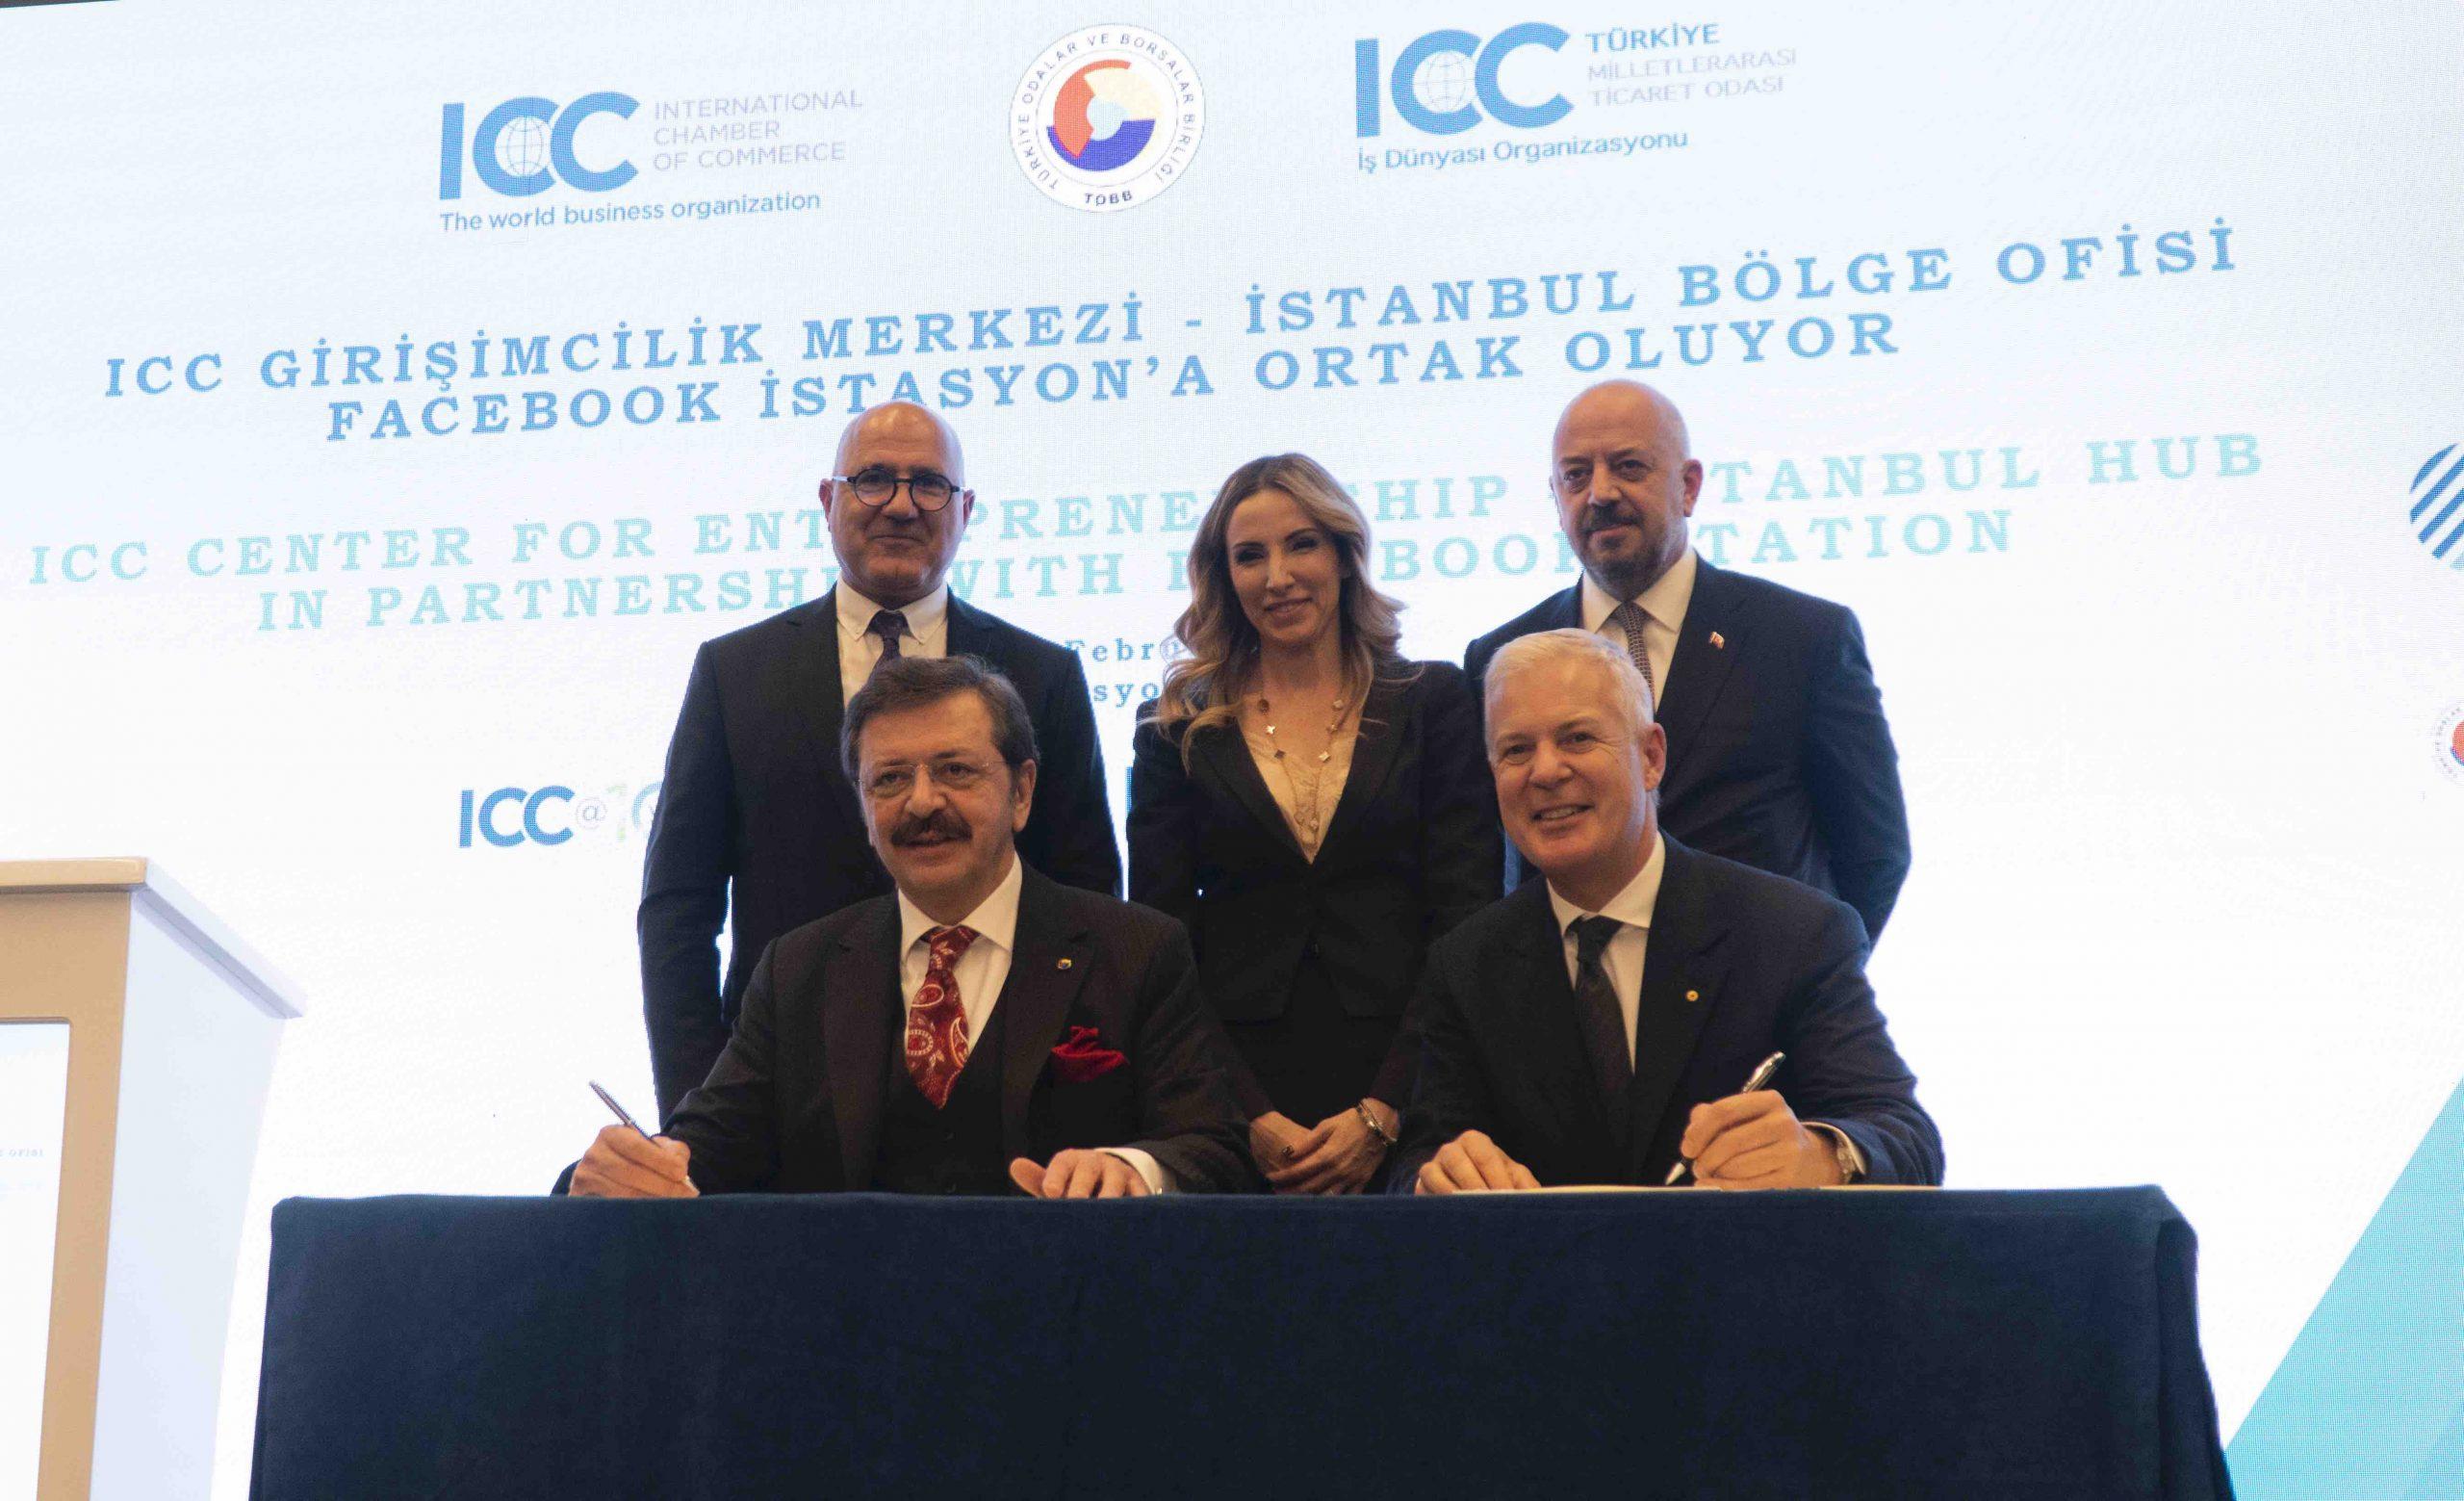 ICC Girişimcilik Merkezi İstanbul Bölge Ofisi Facebook İstasyon'a Ortak Oluyor